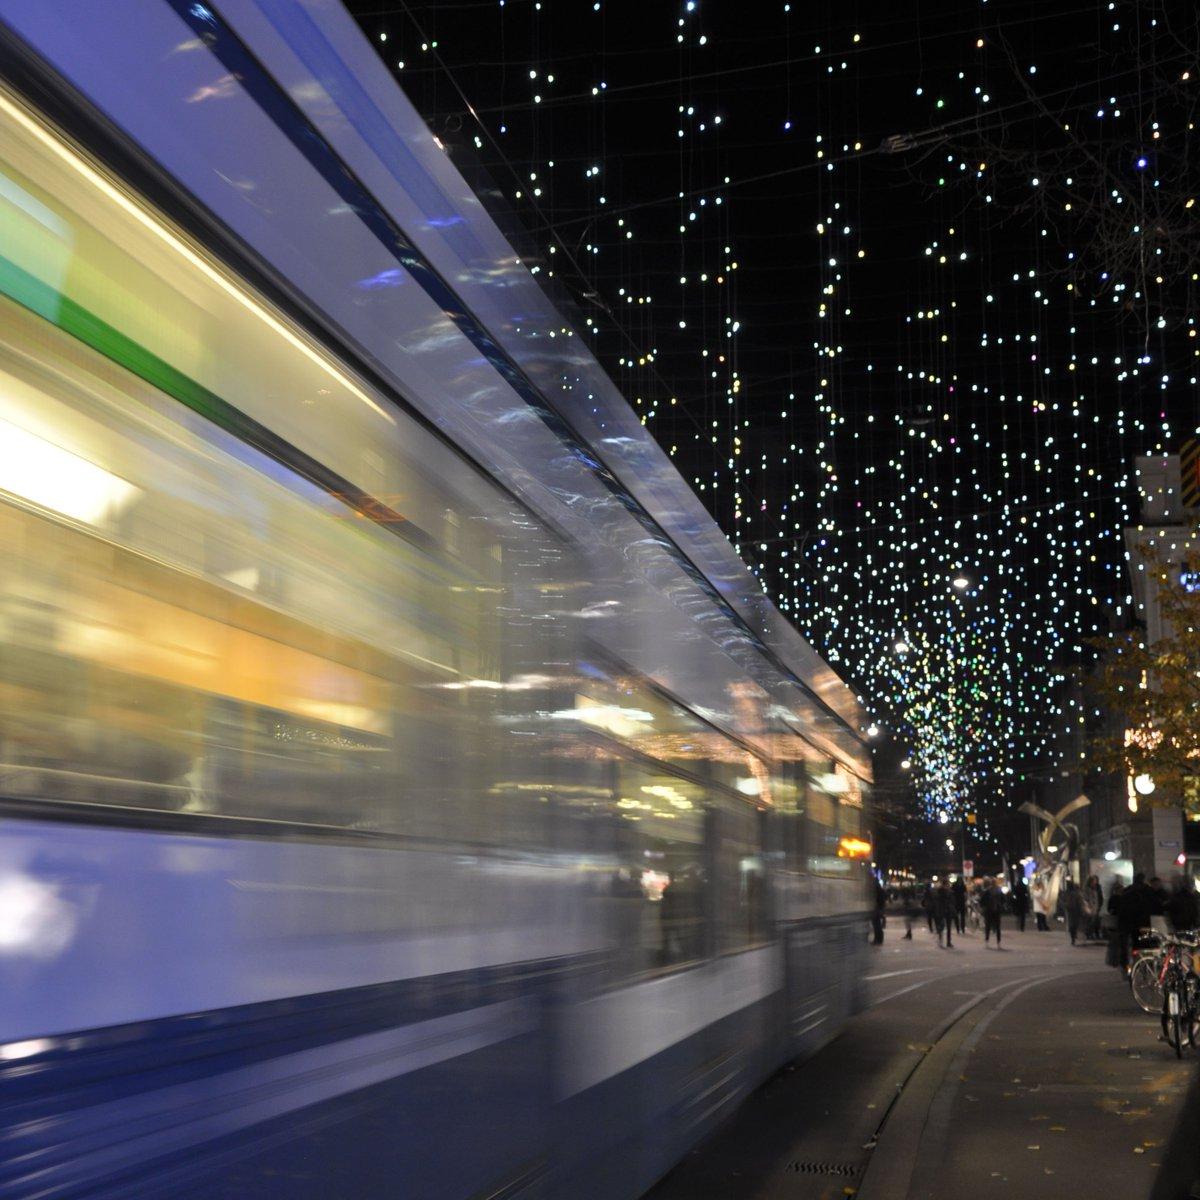 Ab Wann Weihnachtsbeleuchtung.Vbz Züri Linie On Twitter Lichtstreifen Und Sterne Ab Heute Abend